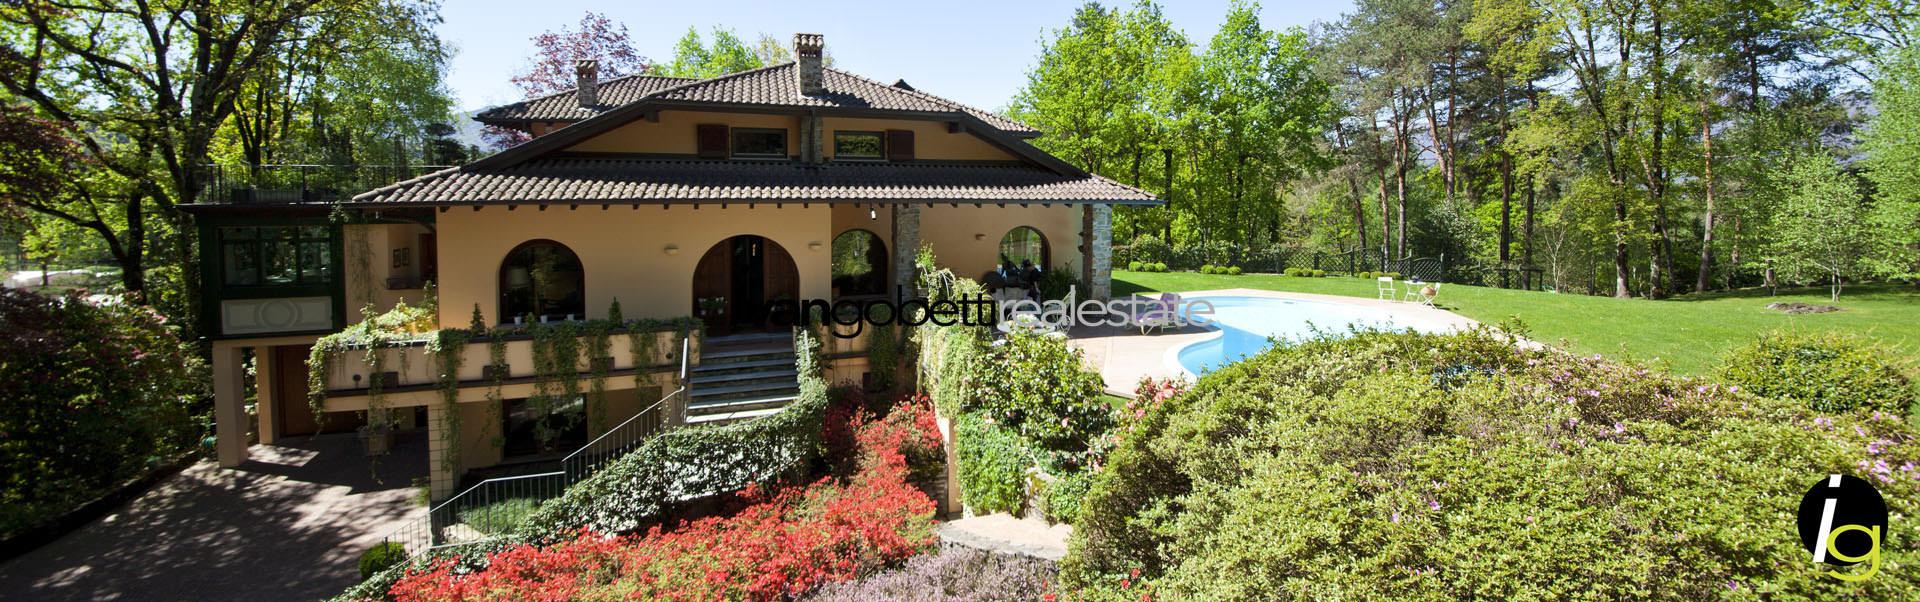 Luino, Lago Maggiore Lussuosa Villa in vendita con parco botanico e piscina